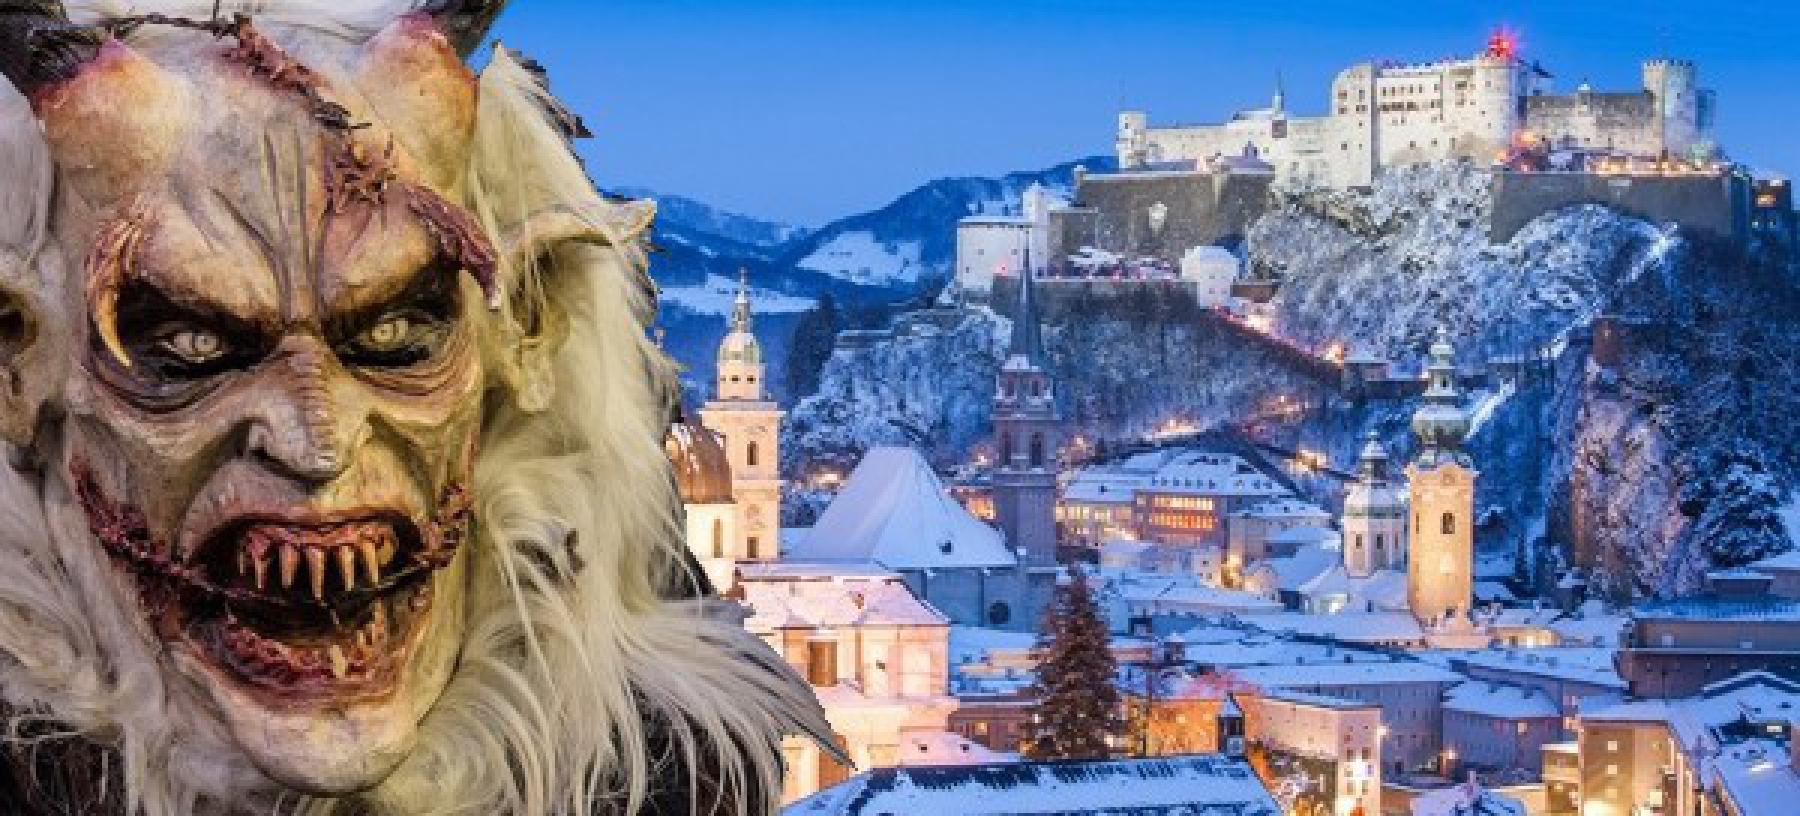 Zájezd do Salzburgu na adventní trhy pro 1 osobu